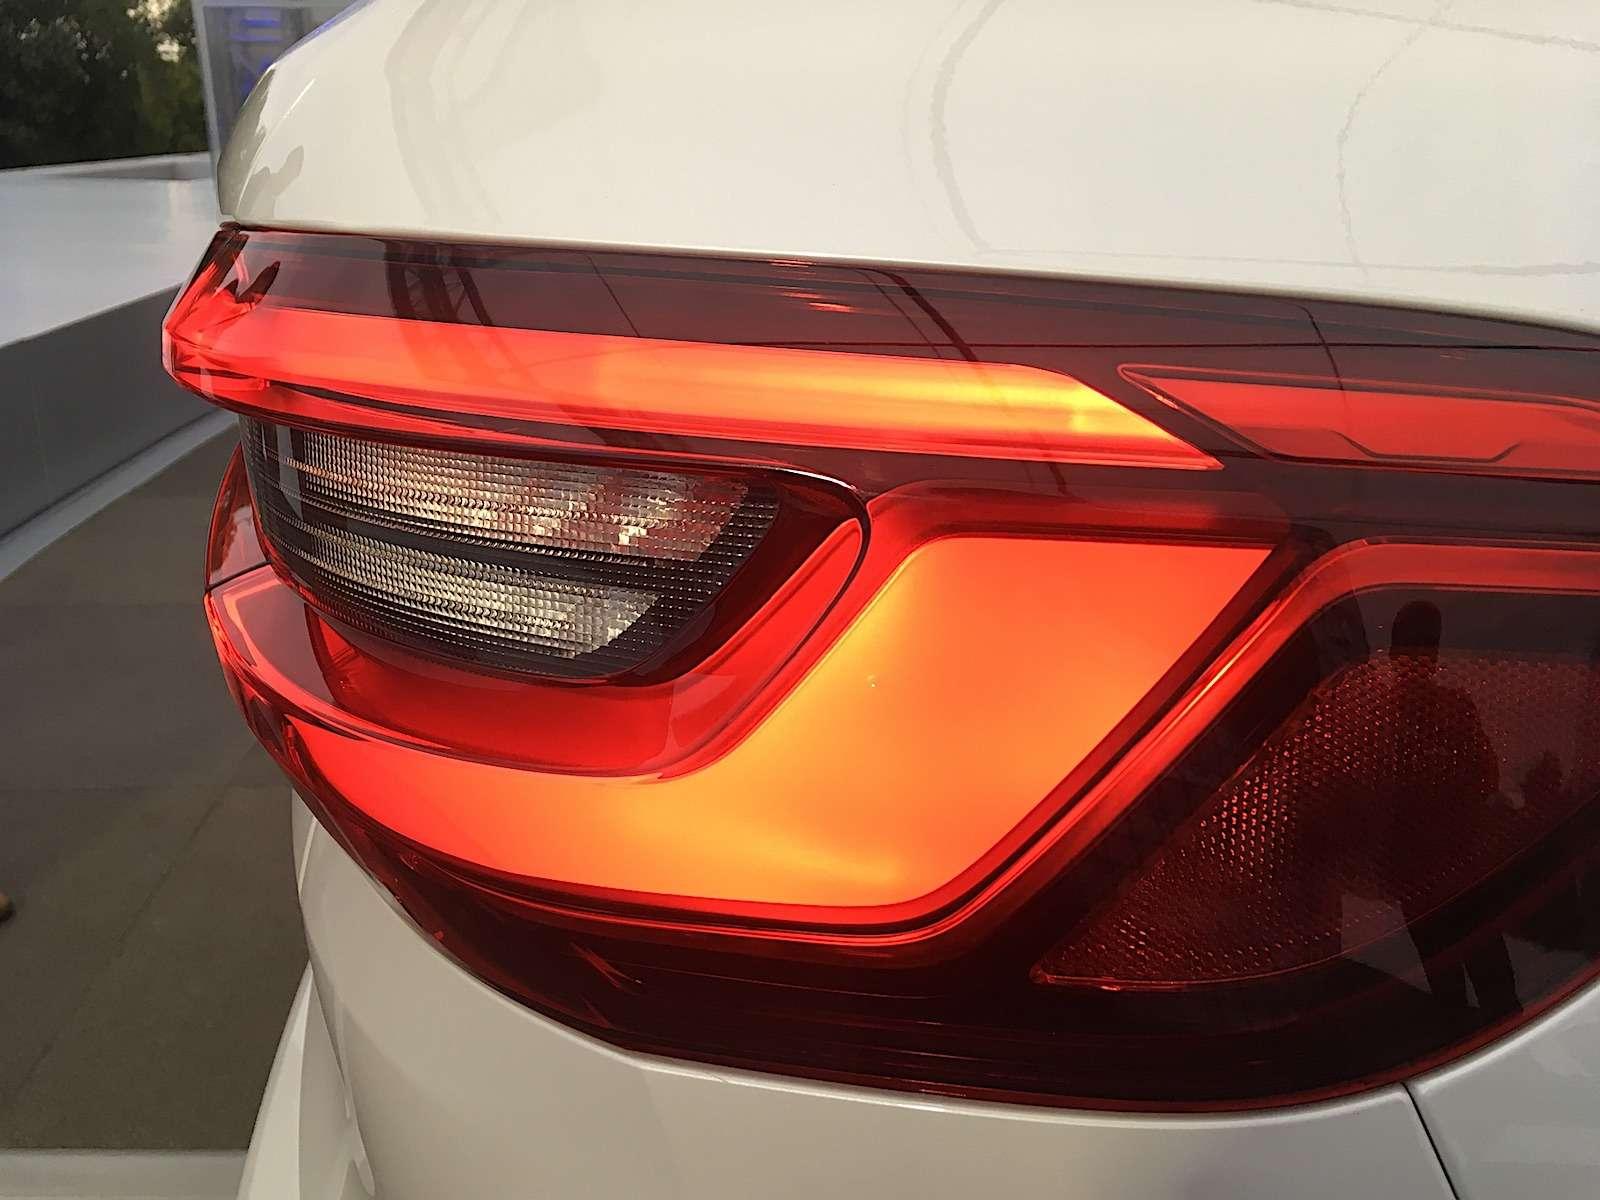 Абсолютно новый BMW X5всплыл вМоскве. Задолго доофициальной премьеры!— фото 889848